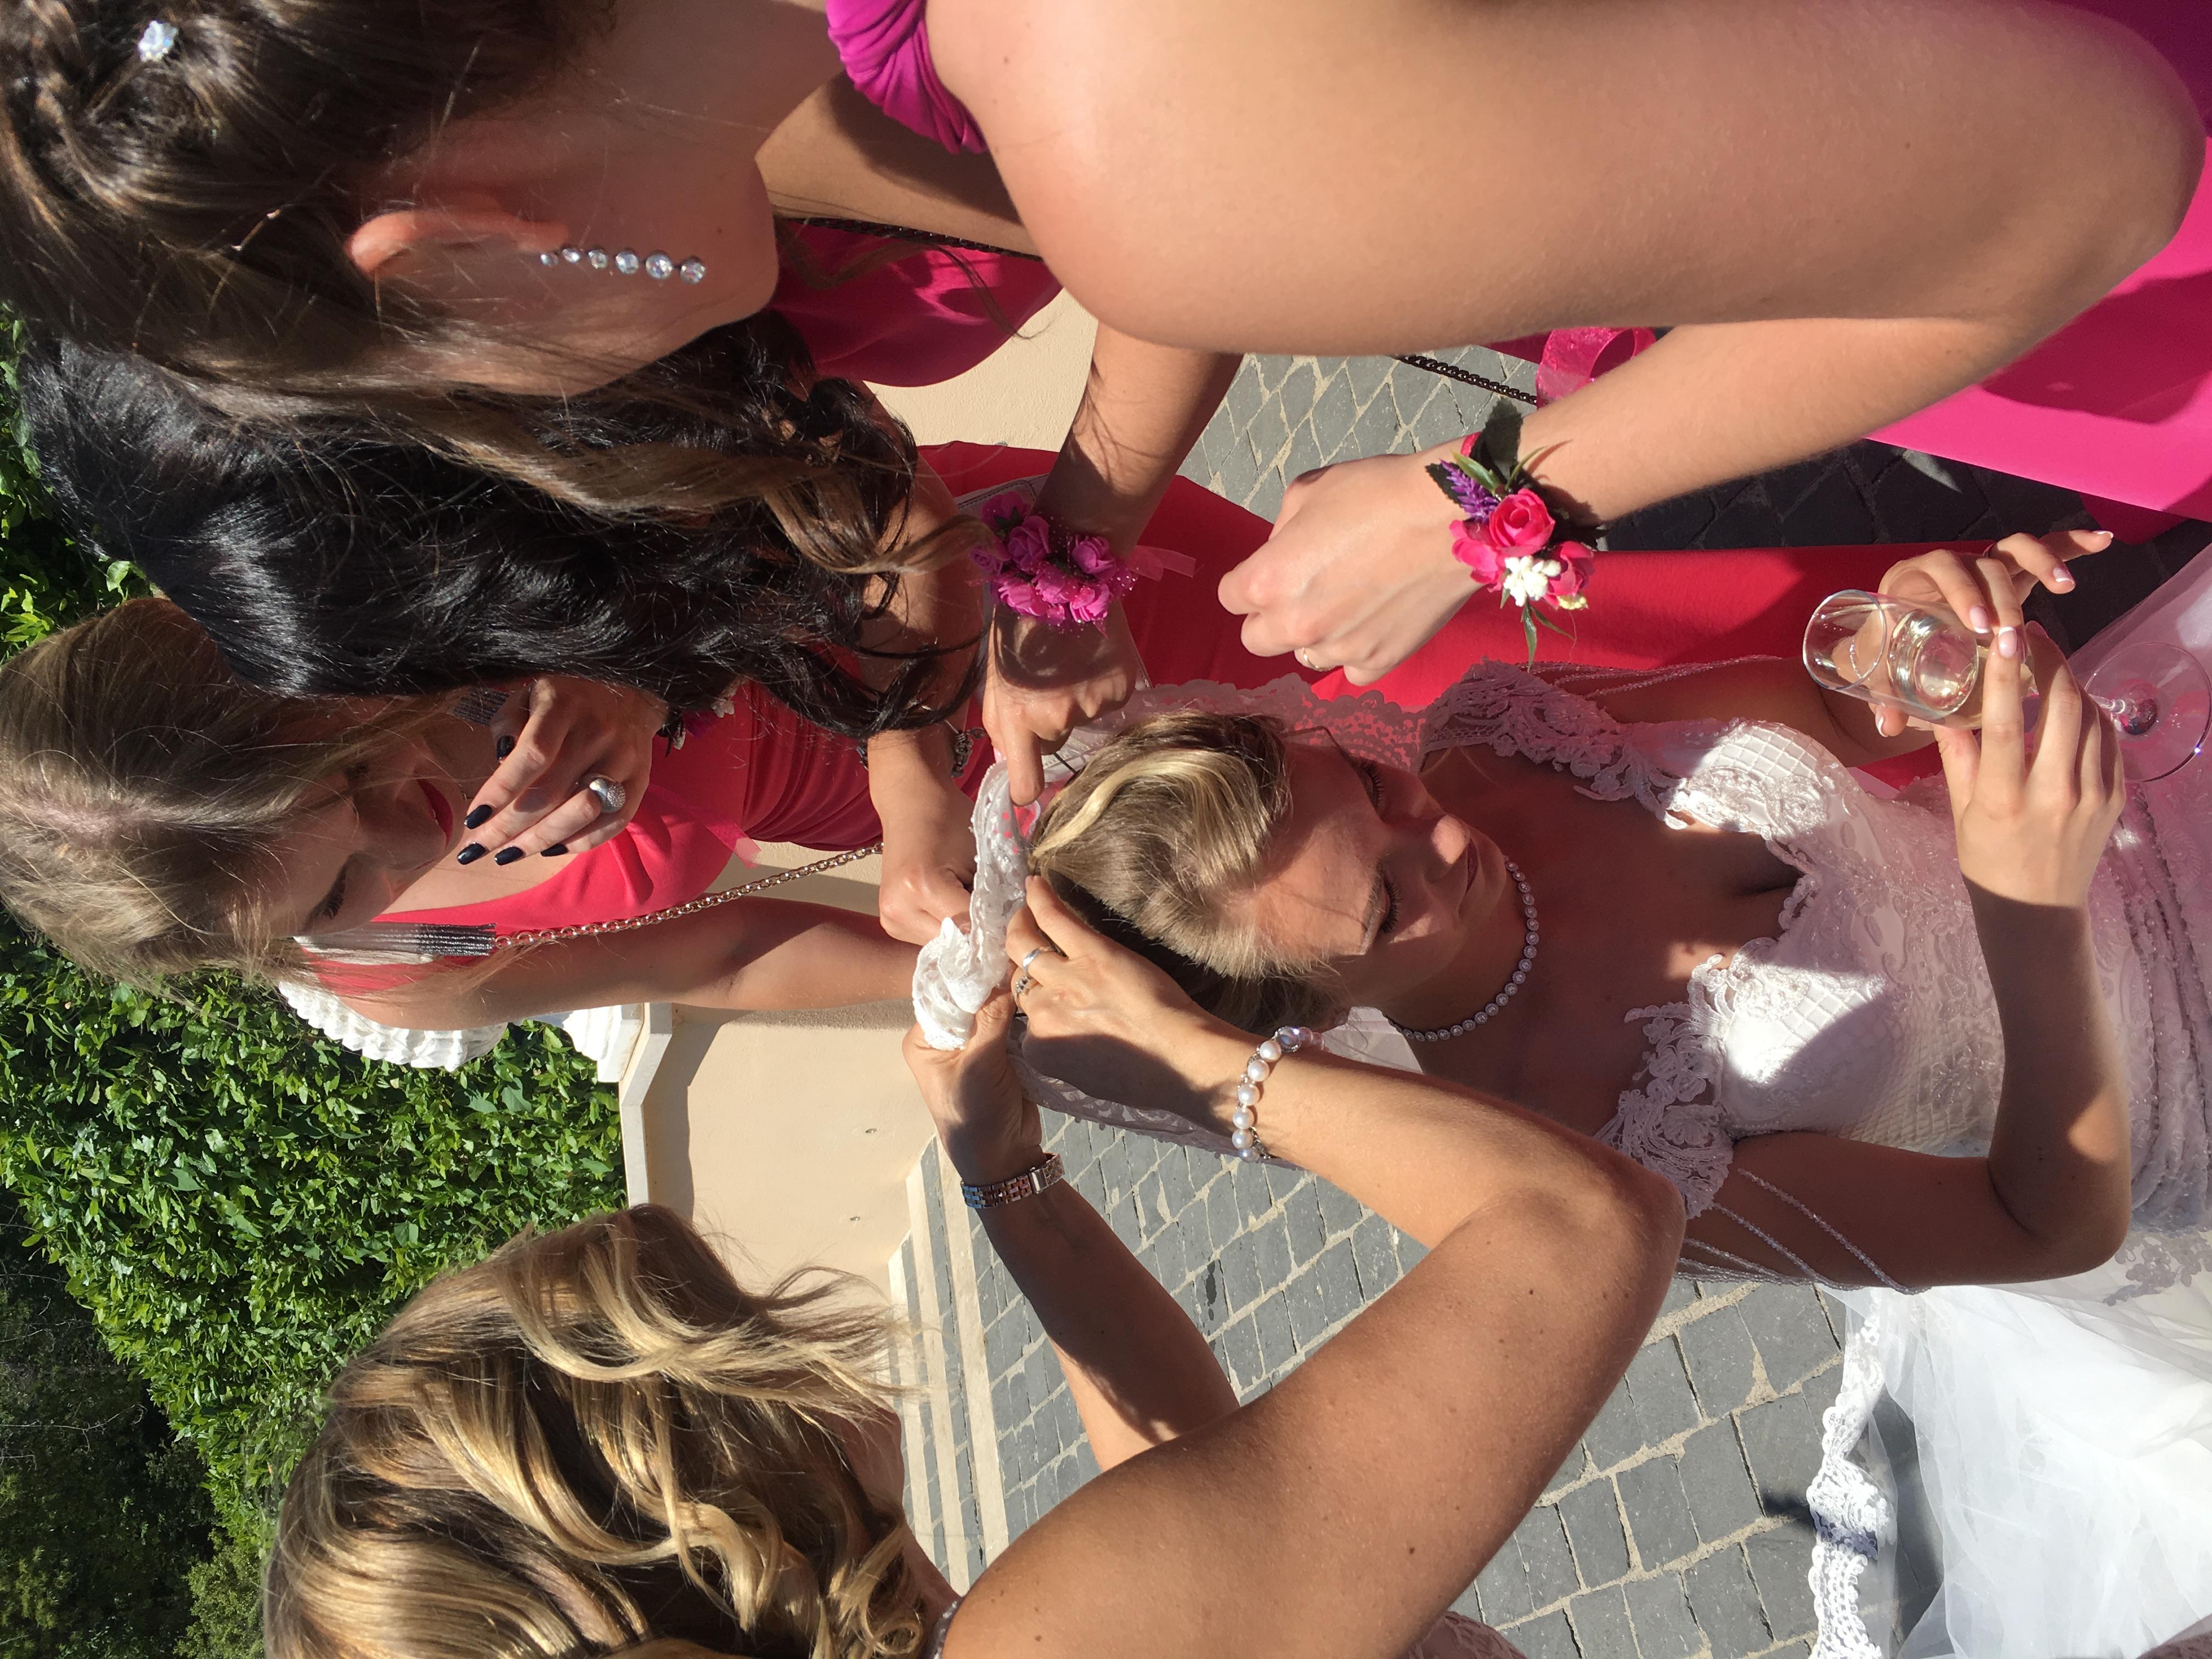 Фото 6 свадьба в Италии на вилле | Кристина и Кристиан | ведущая на итальянском языке - Катрин Моро